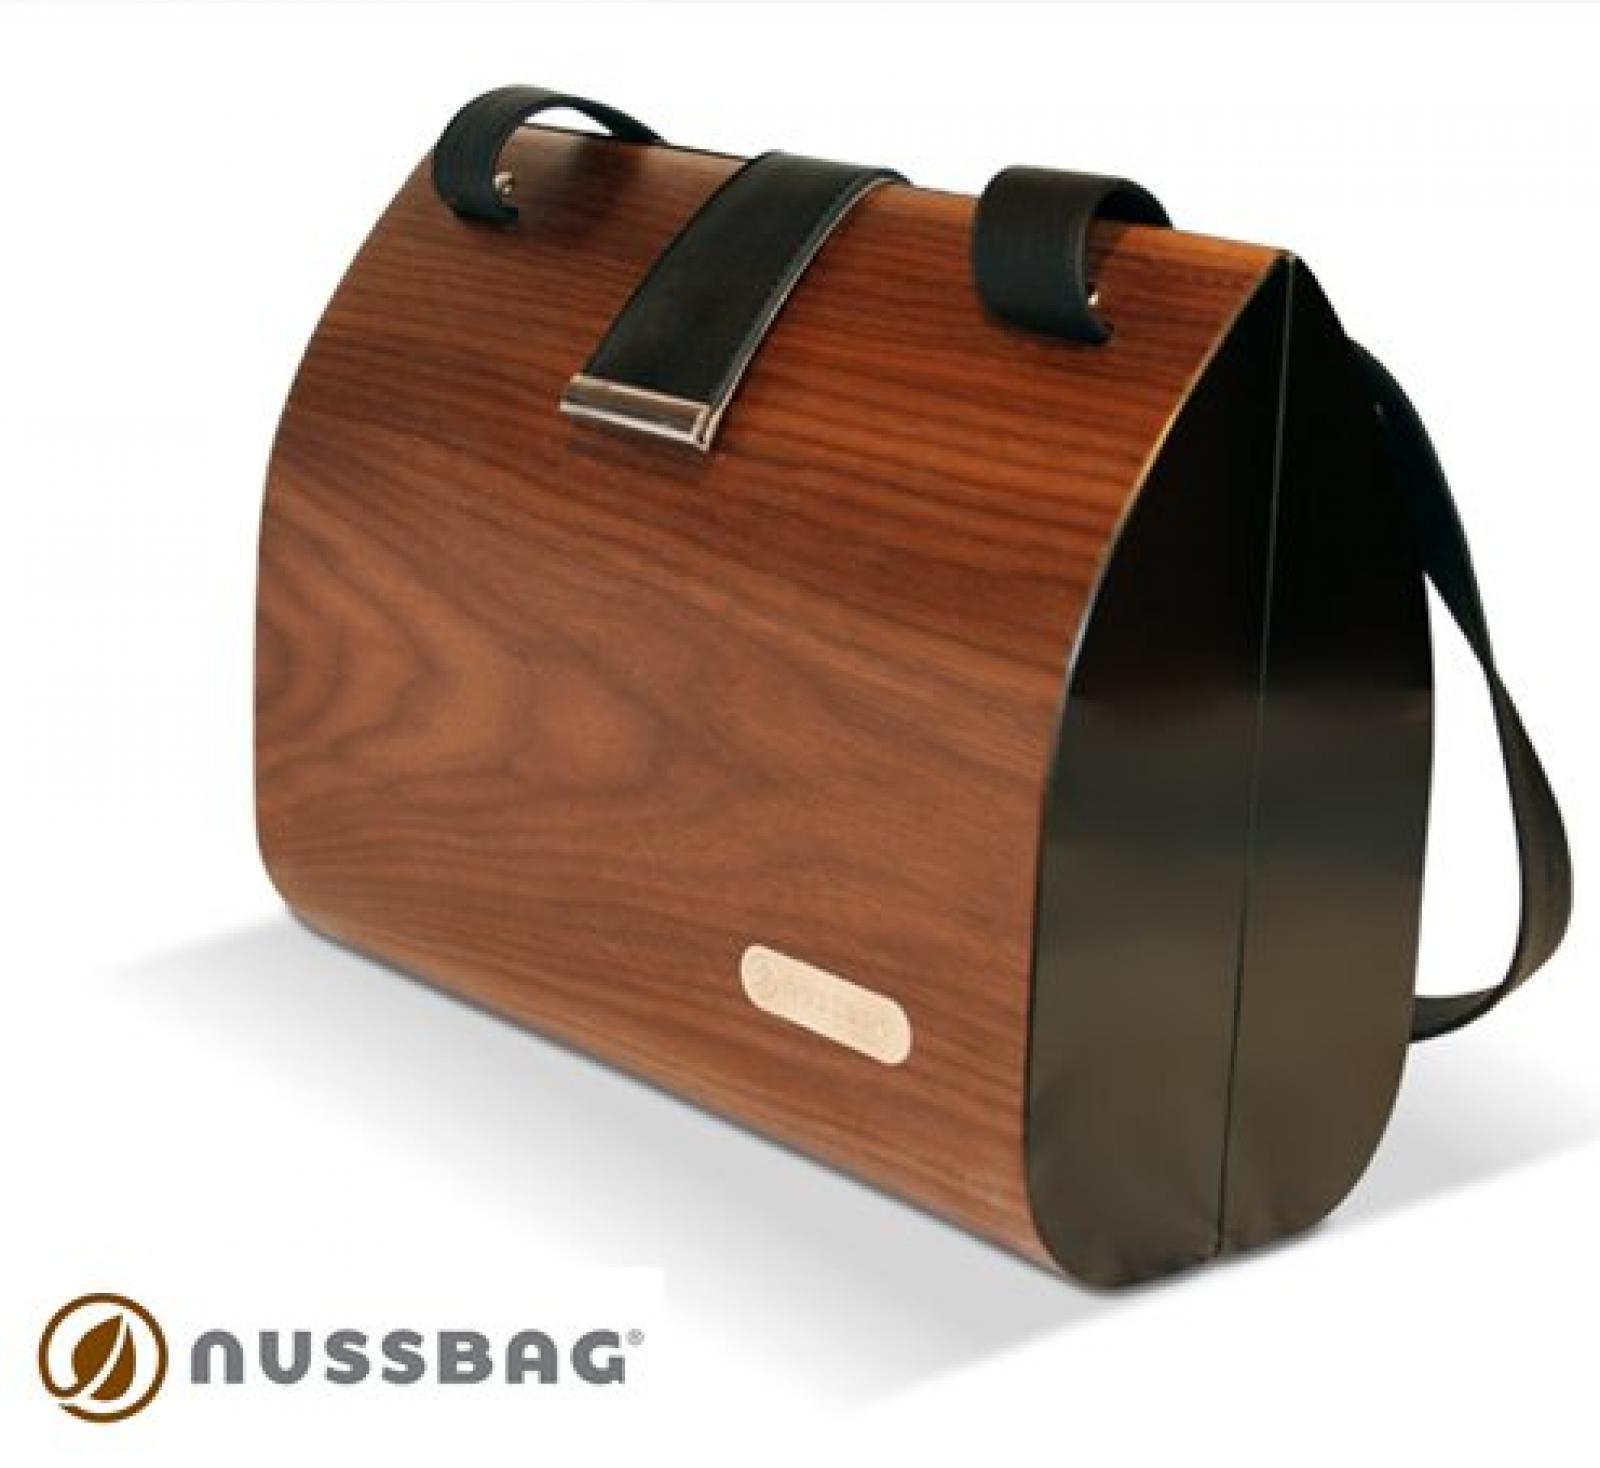 edle Handtasche von Nussbag, Modell Classic Nuss